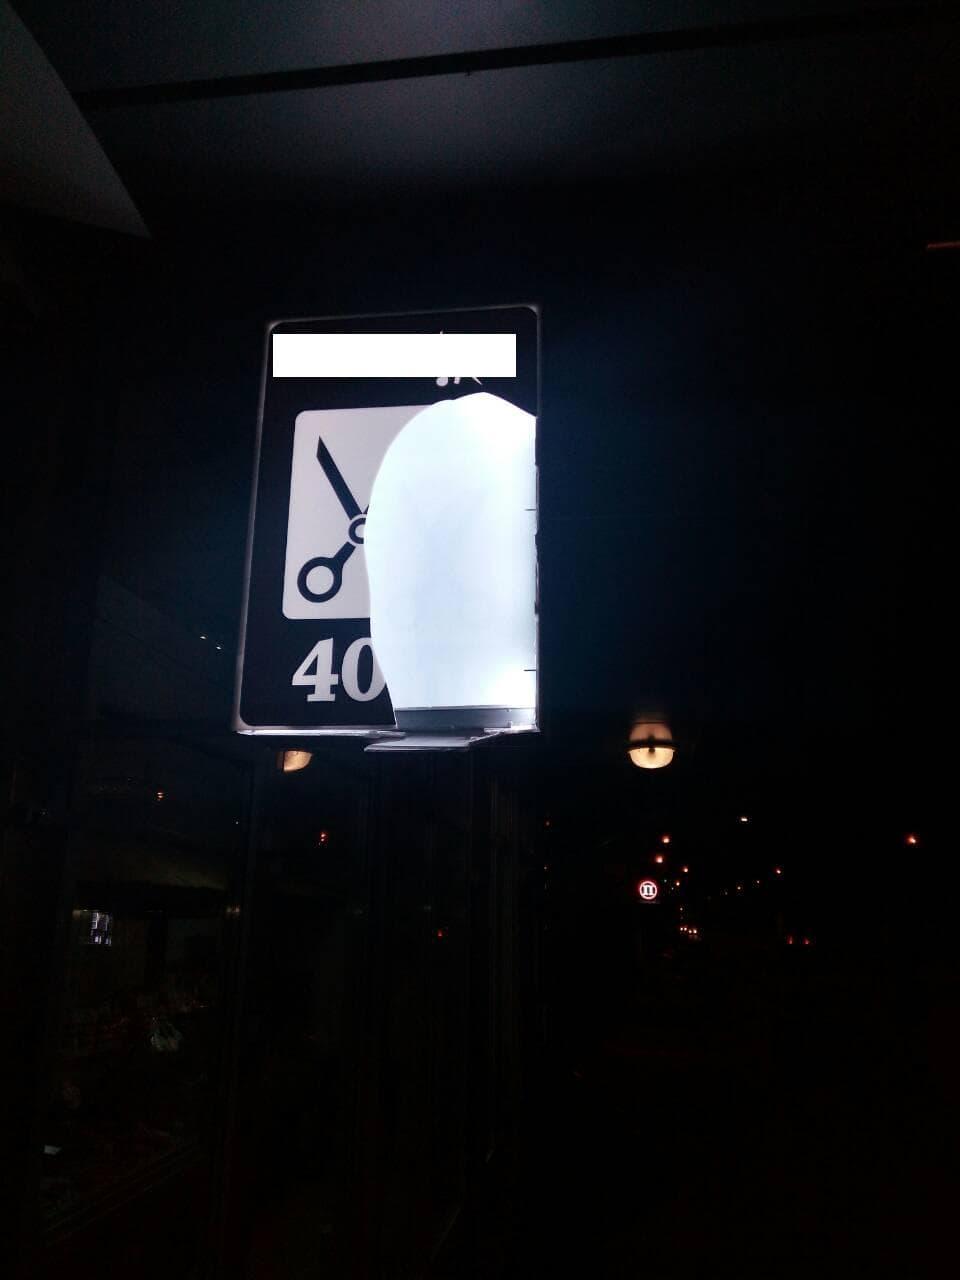 5a449f89f3c44 - У Житомирі поліцейські охорони затримали нетверезого чоловіка, який  на світанку побив вивіски торгівельних закладів